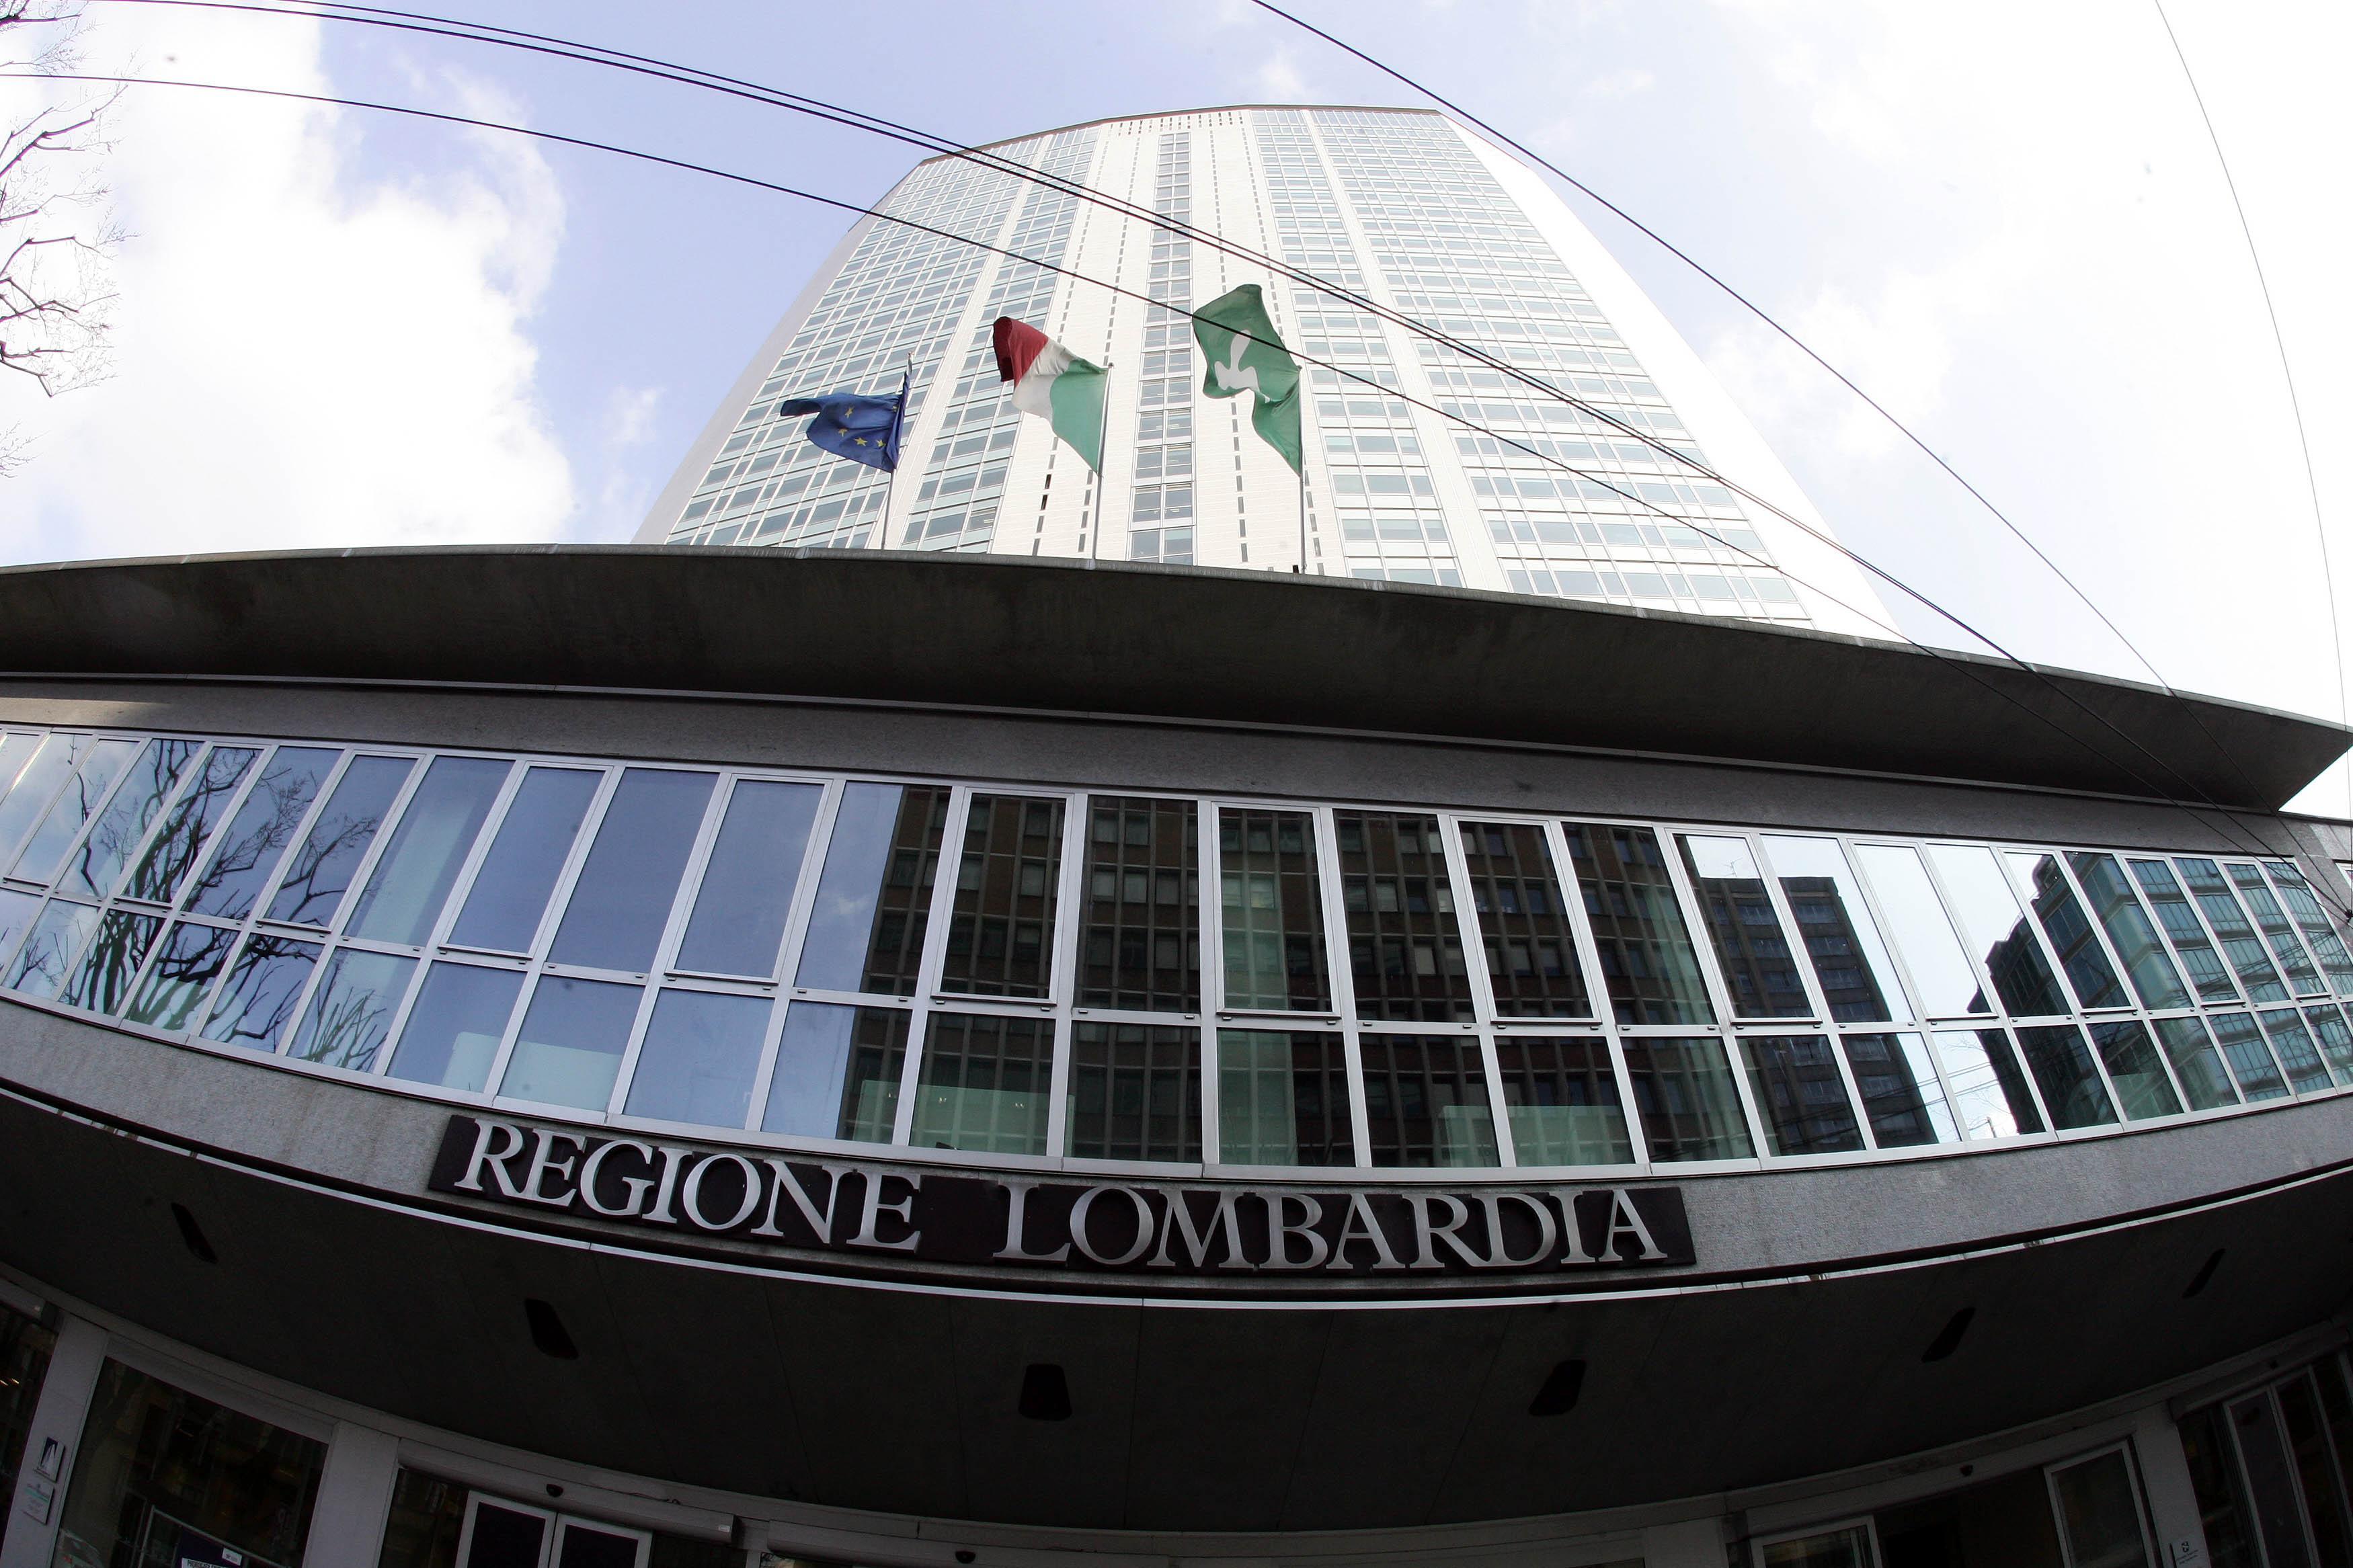 Elezioni Regionali 2018 in Lombardia: date, candidati e come si vota